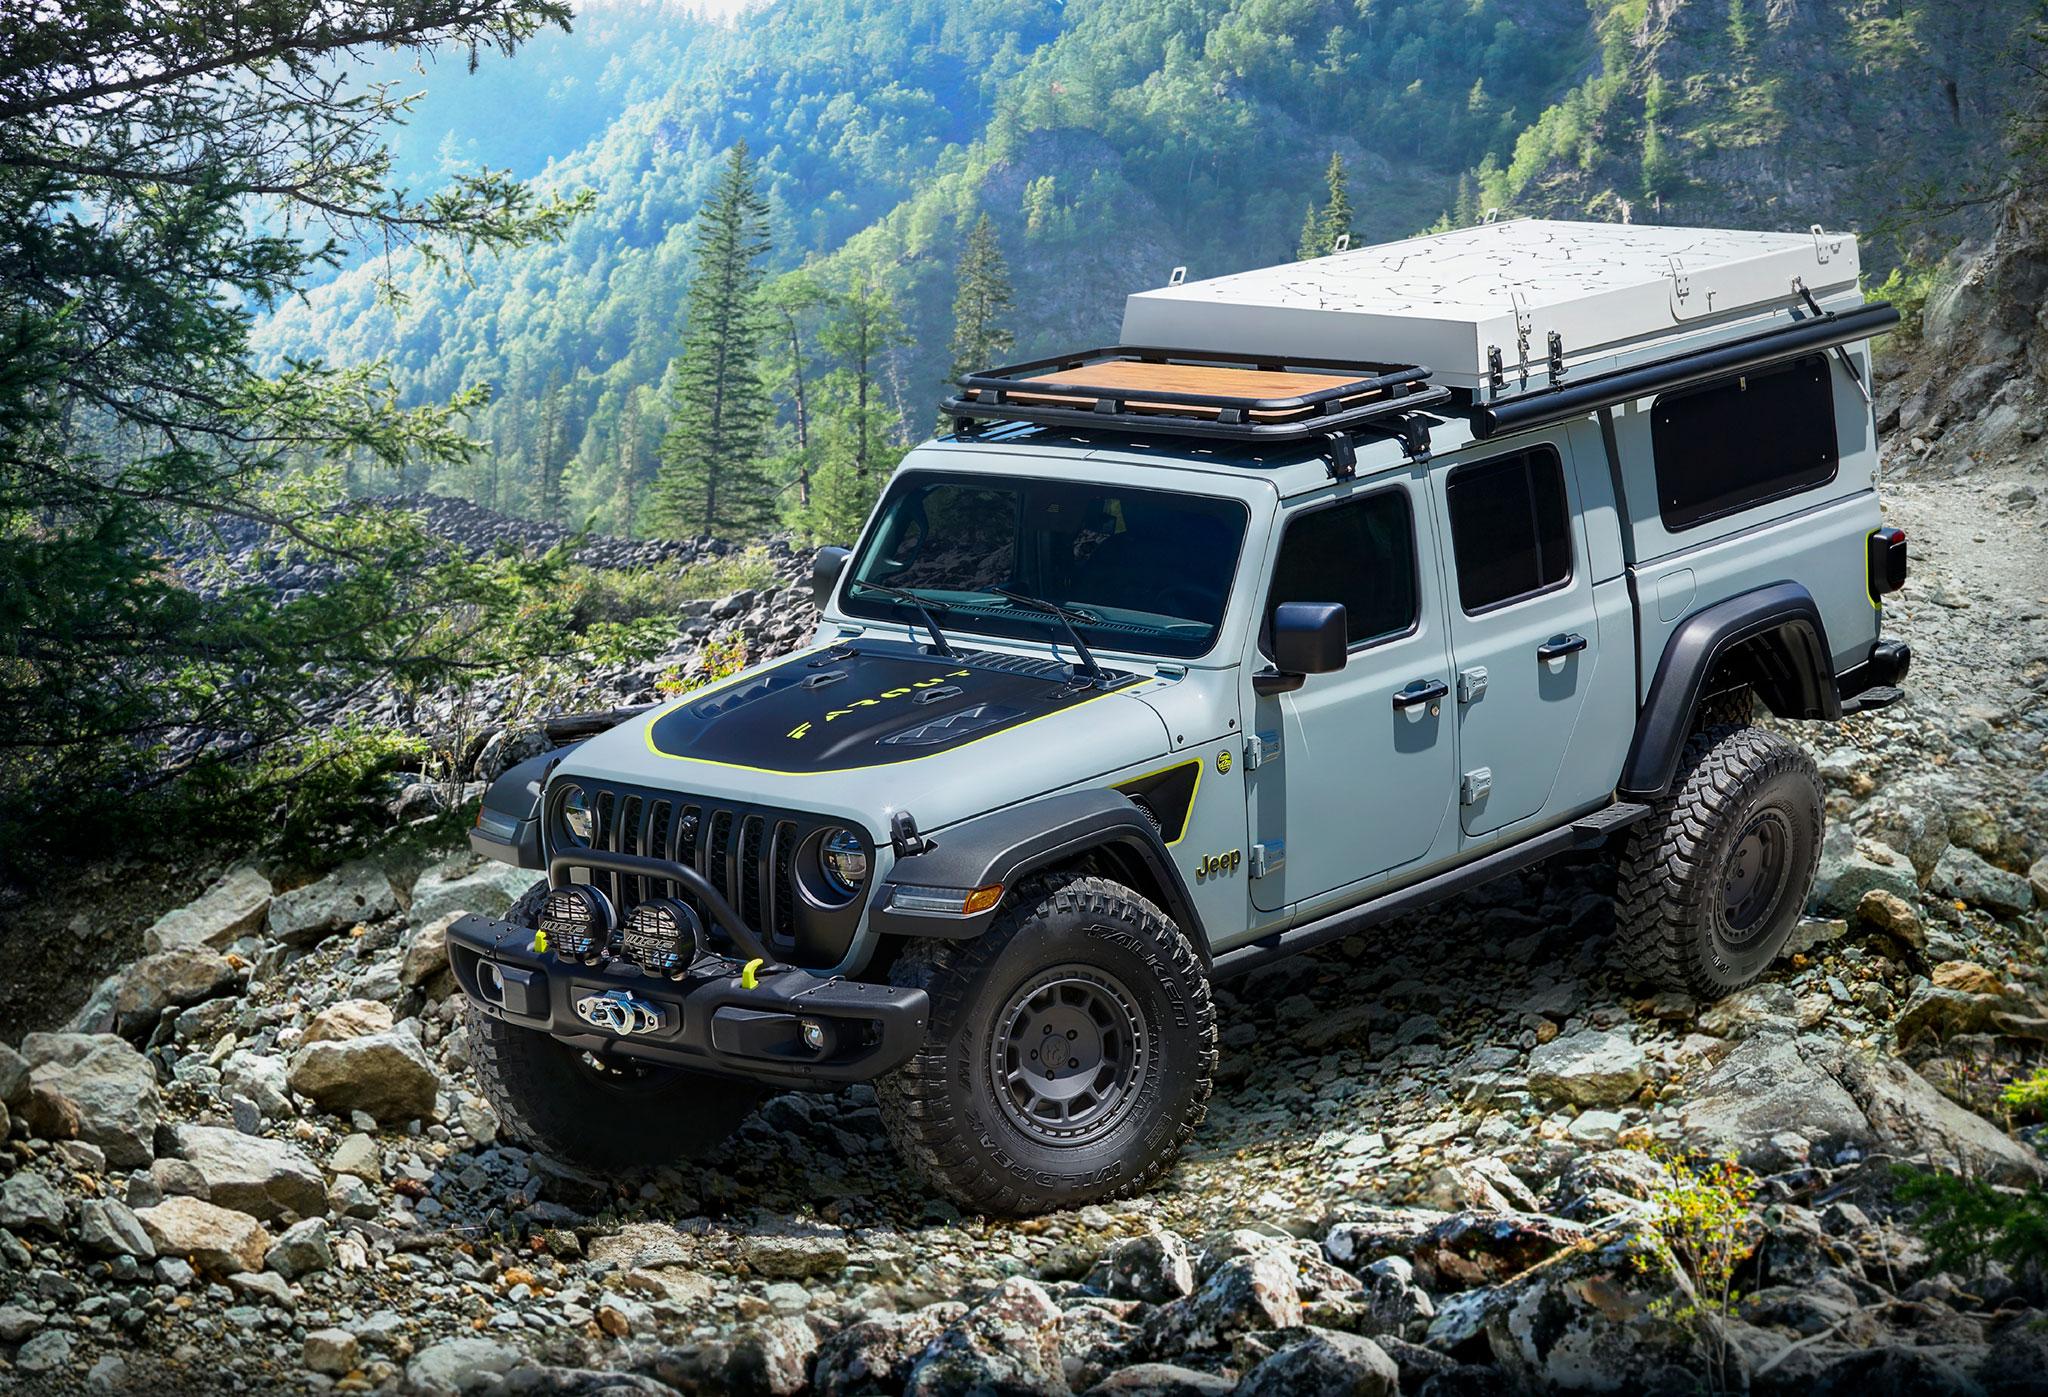 2020 Jeep Gladiator Farout Concept trois quarts avant gauche - Jeep et Moab 2020.